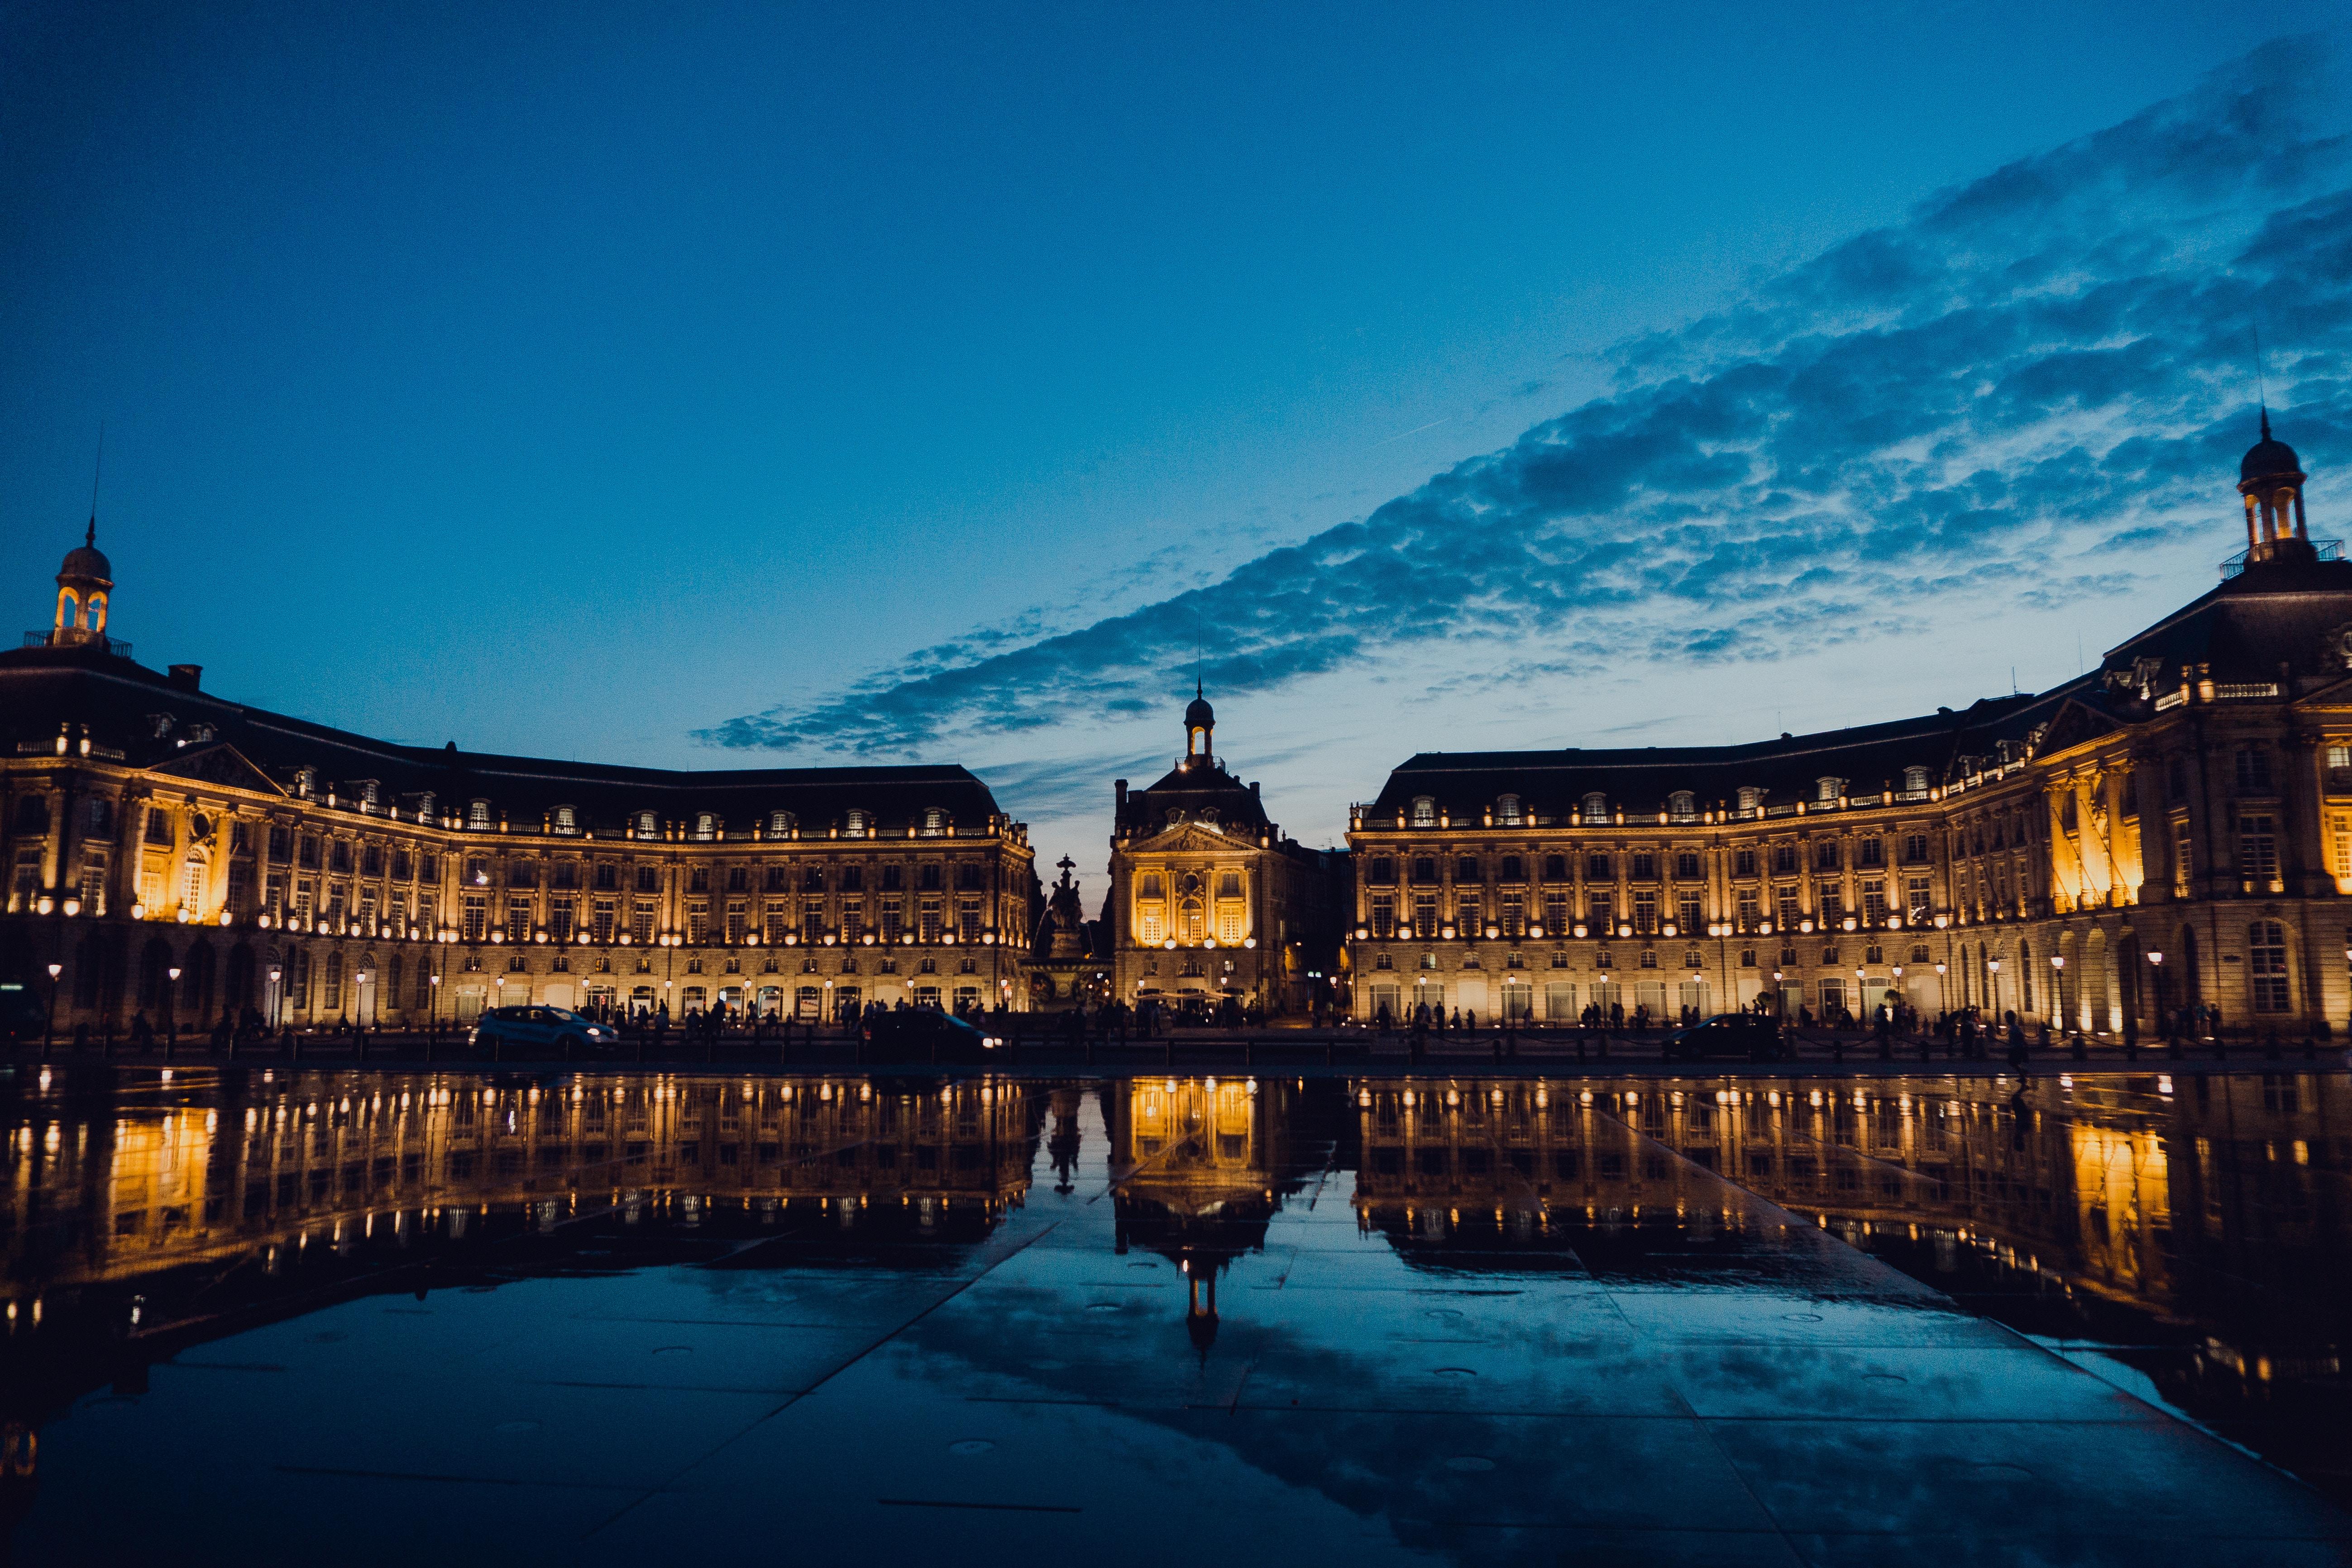 Ein Kurztrip in die Weinstadt Bordeaux bietet viele wunderschöne Ausflüge - so auch zum Water Mirror